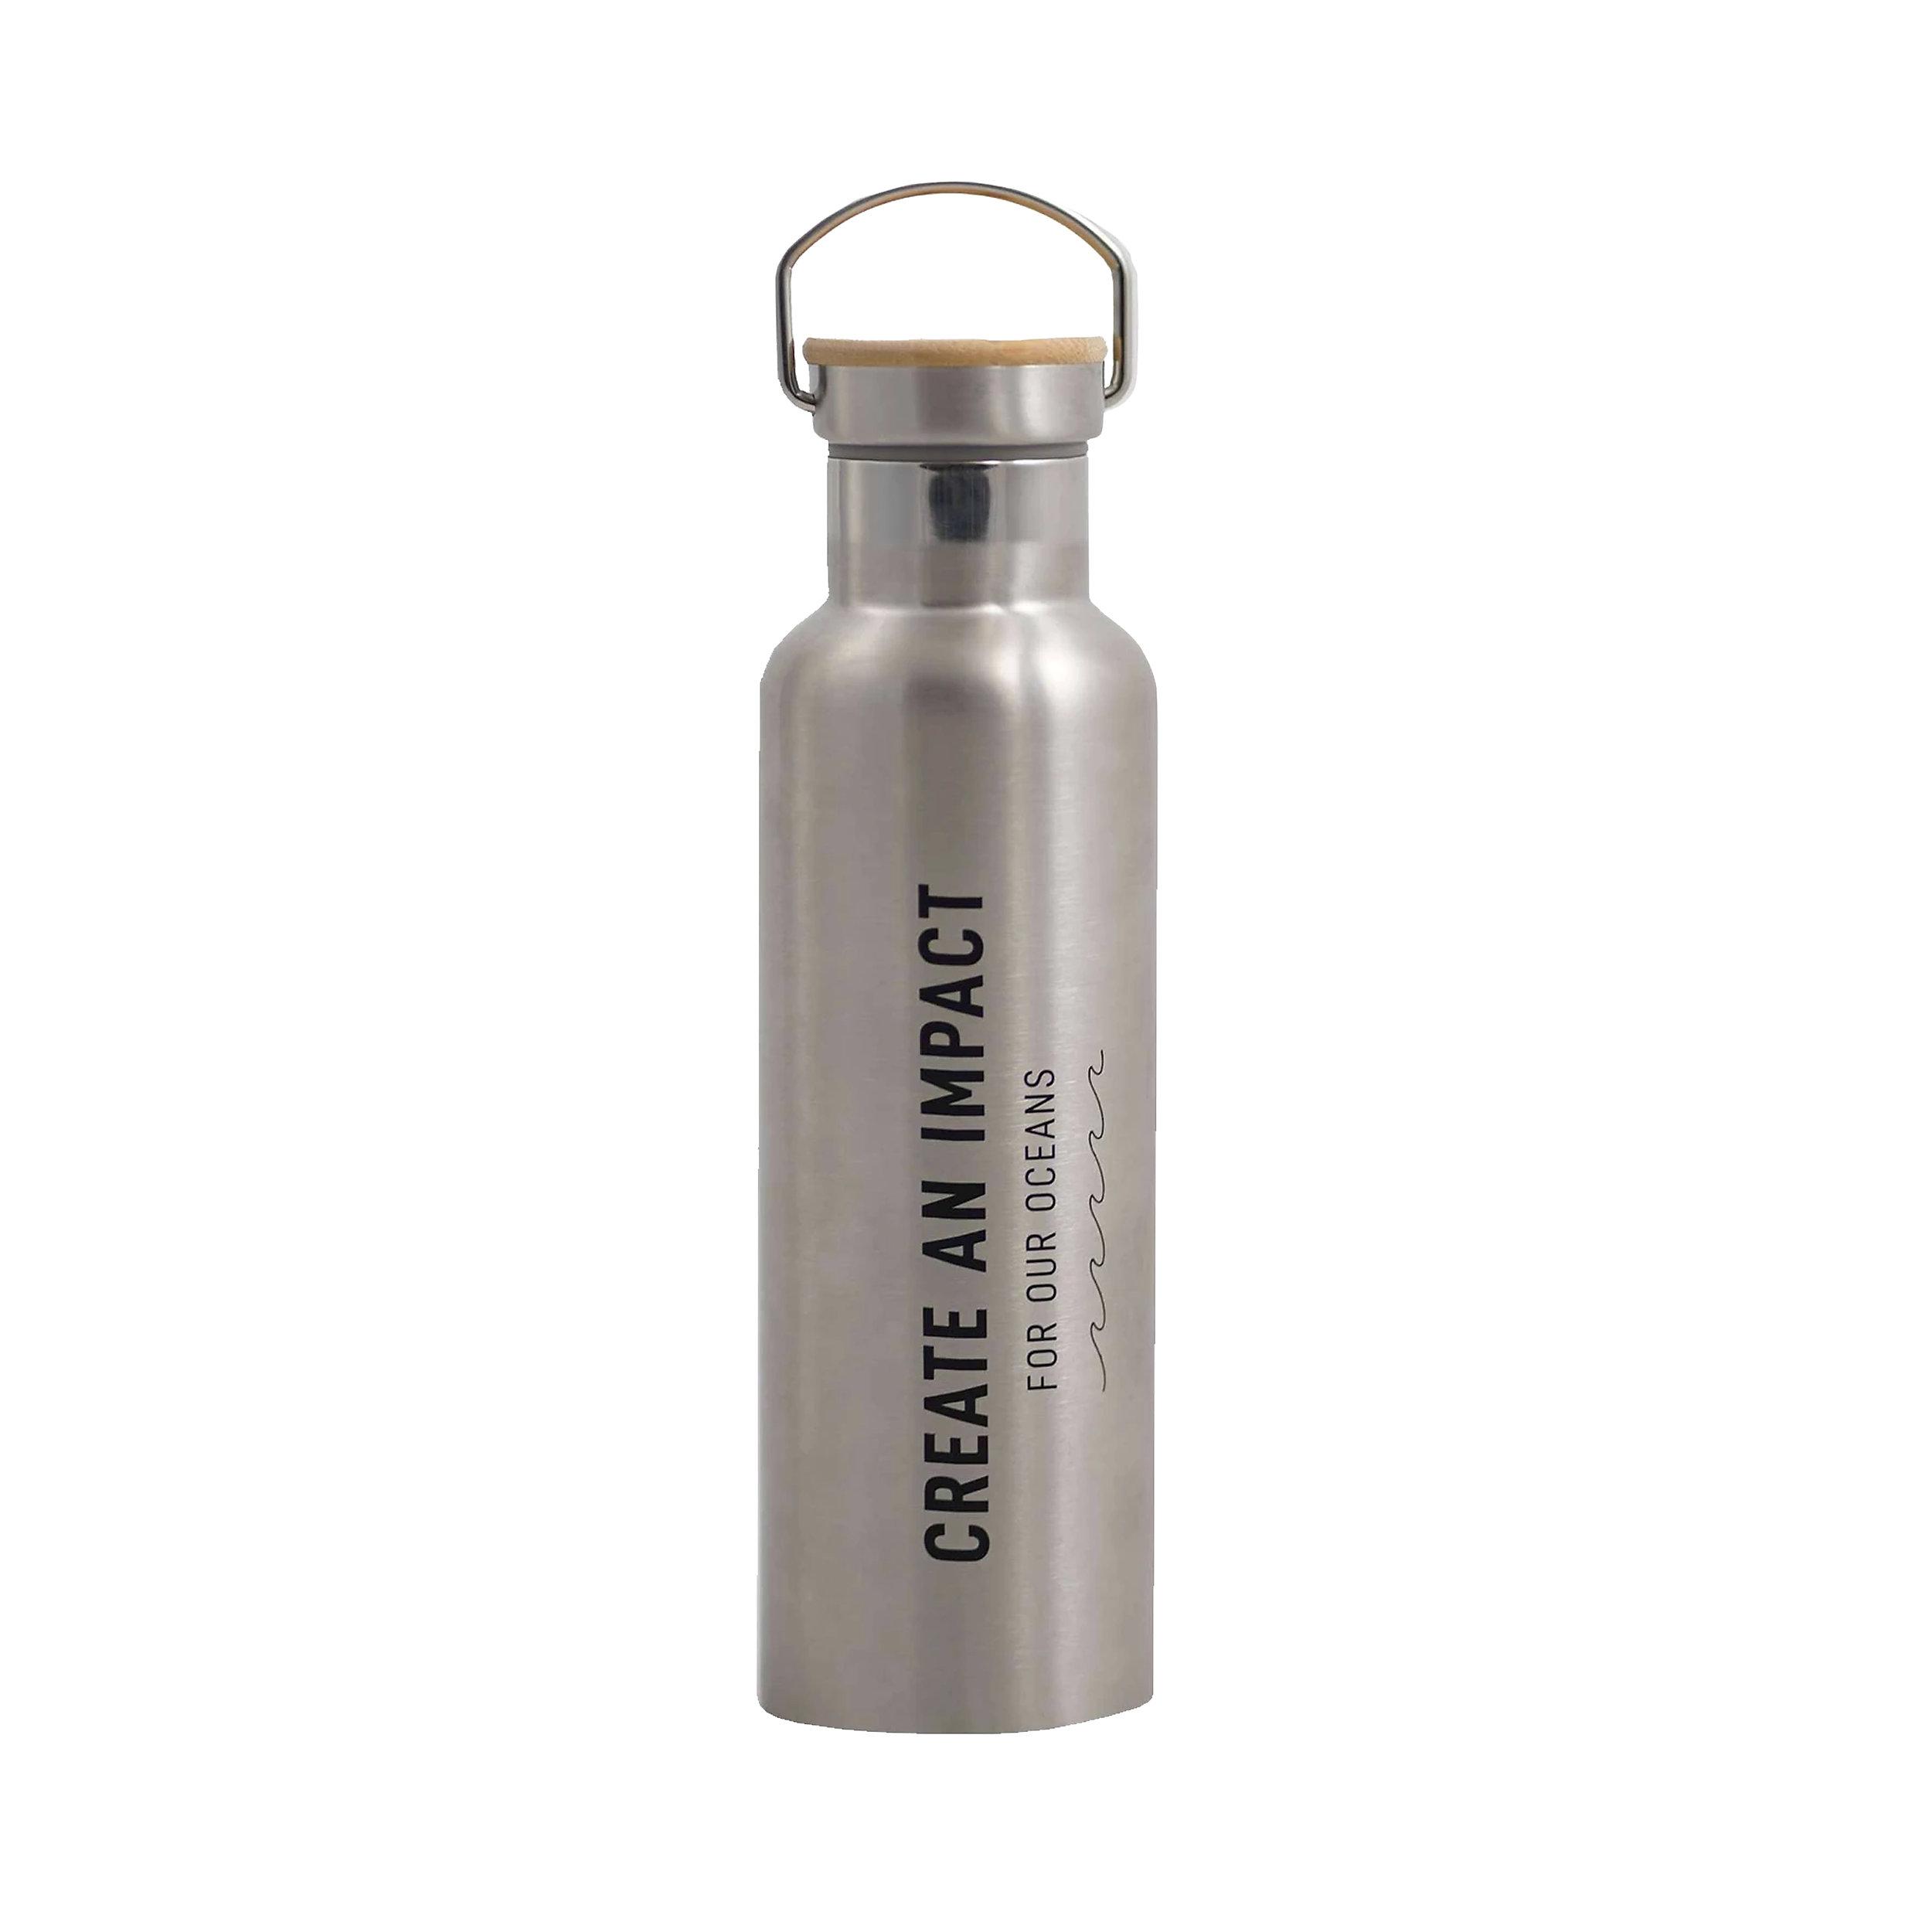 Trinkflasche S 0.6 Liter